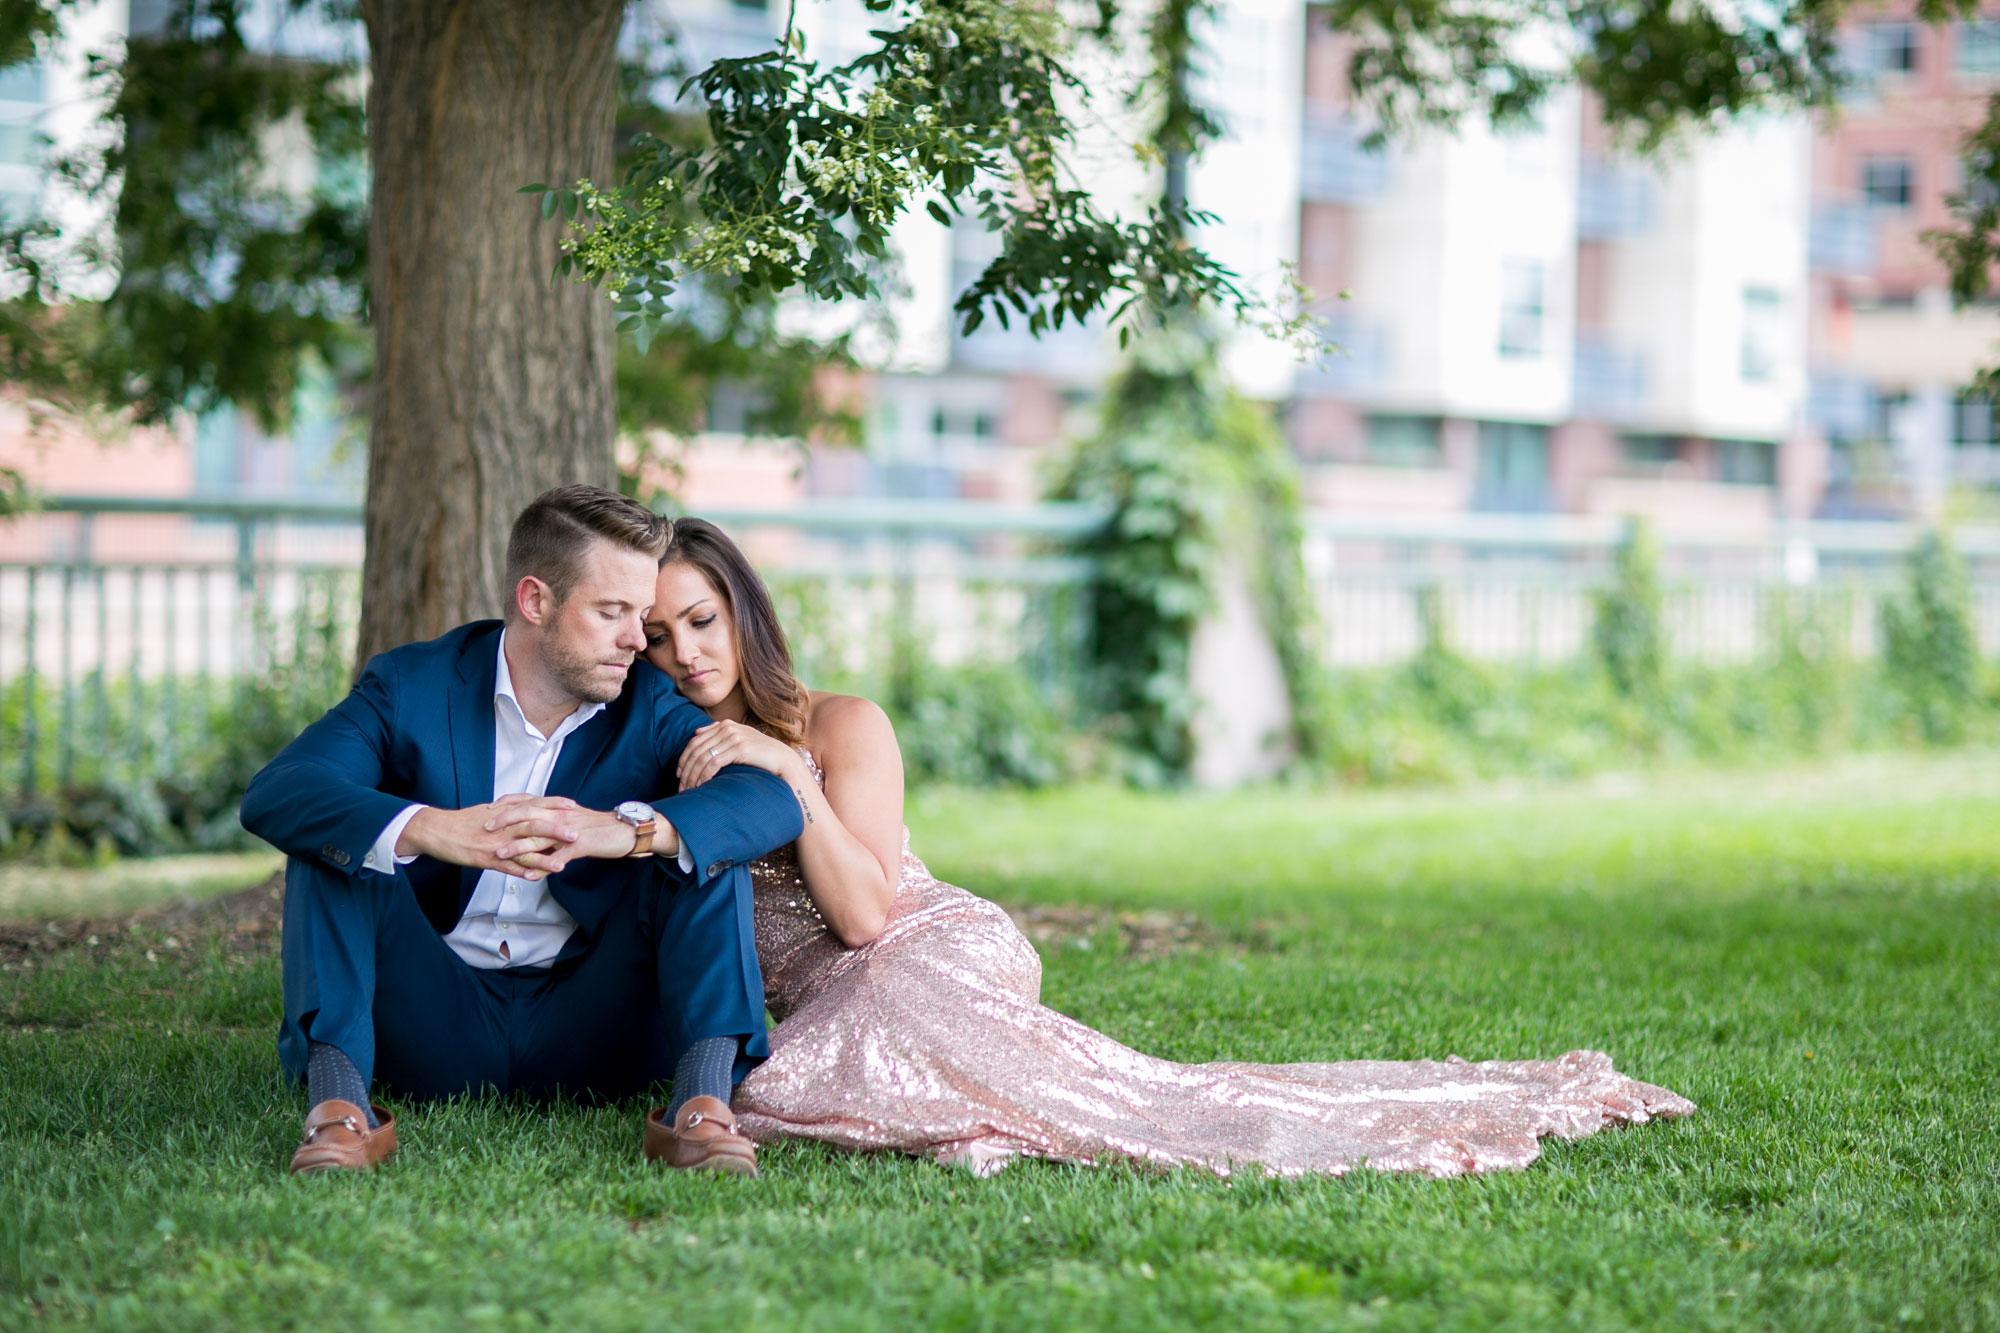 A Romantic Denver Engagement Session